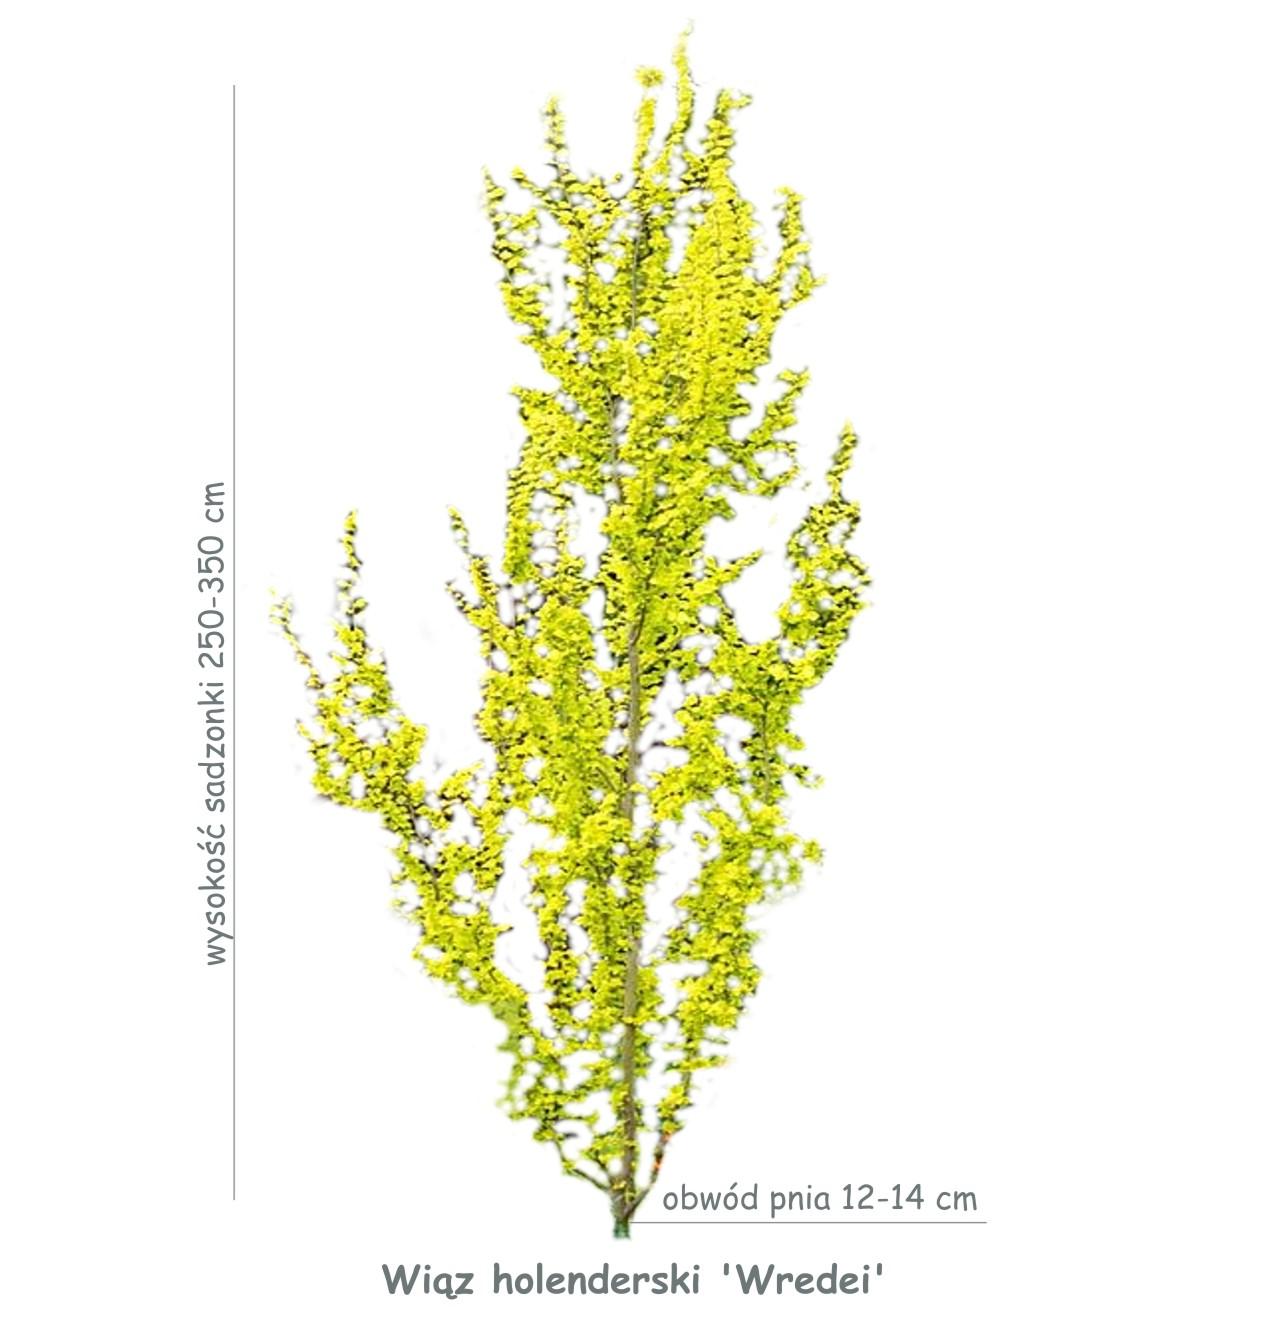 Wiąz holenderski 'Wredei' (Ulmus x hollandica) sadzonka o obwodzie pnia 12-14 cm